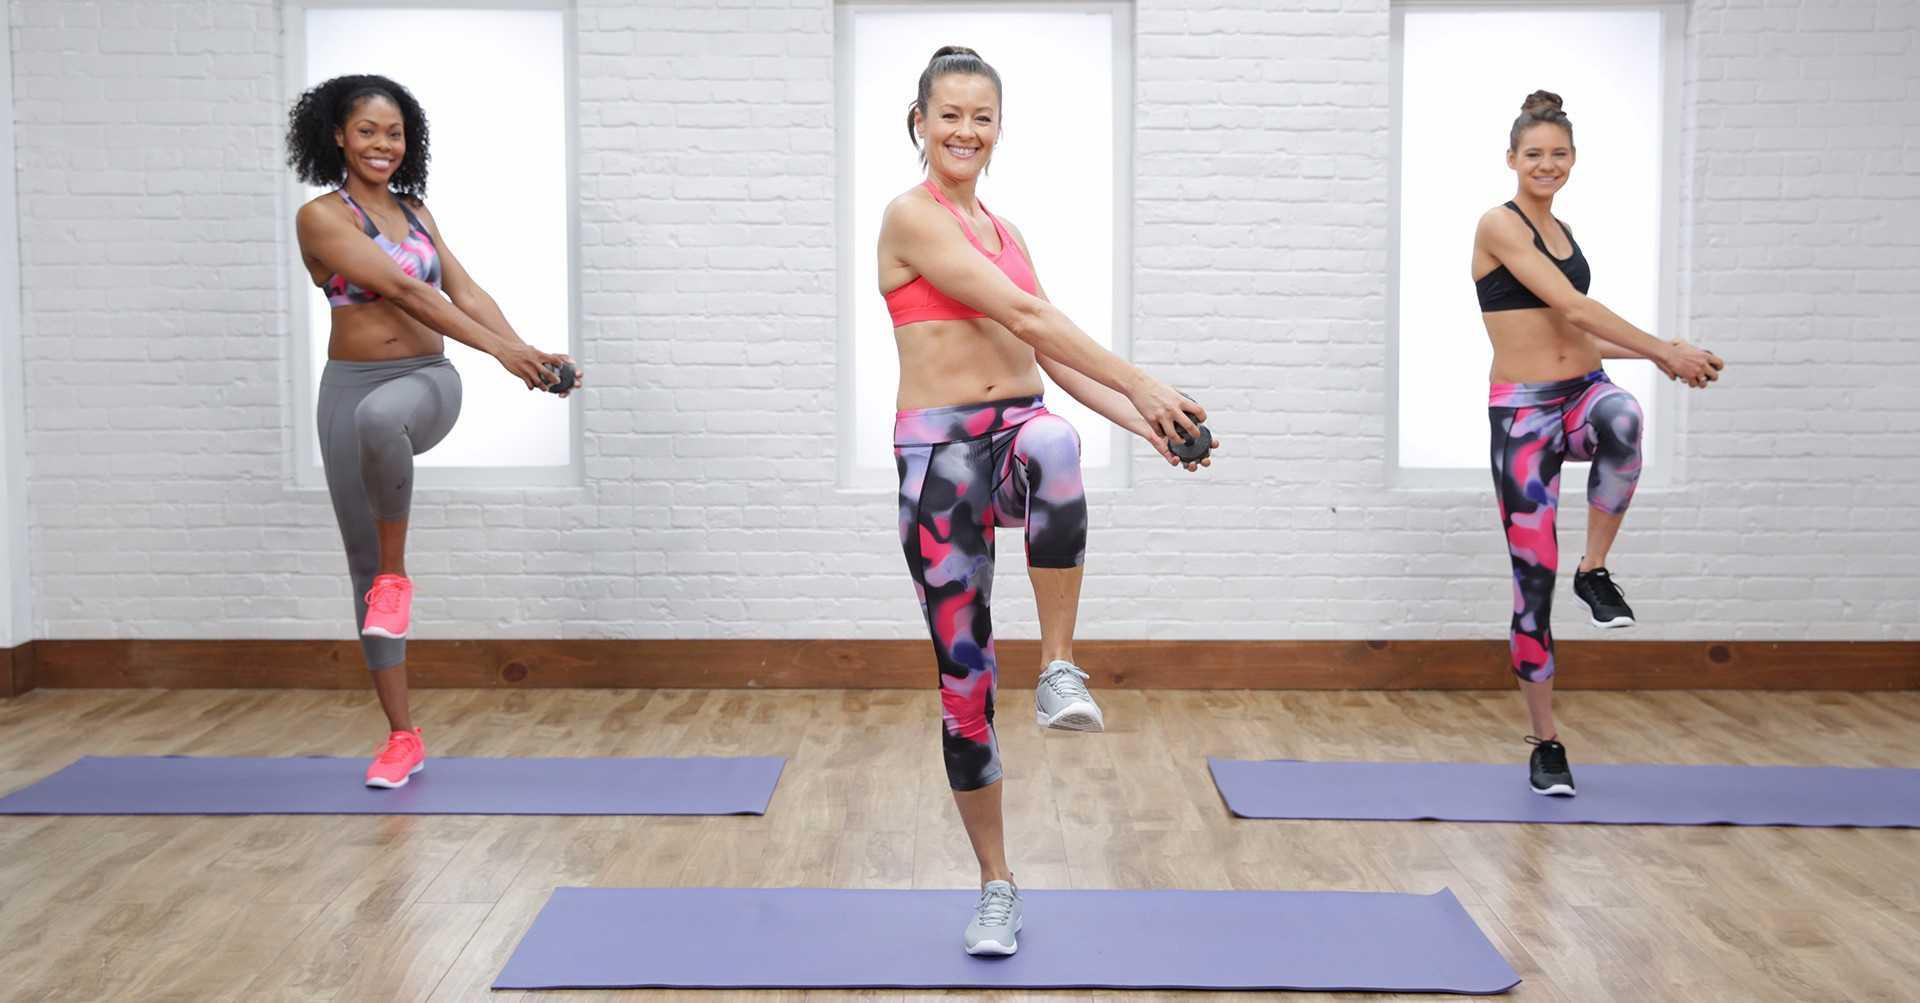 Youtube-канал по фитнесу popsugar: качественные тренировки и миллионная аудитория